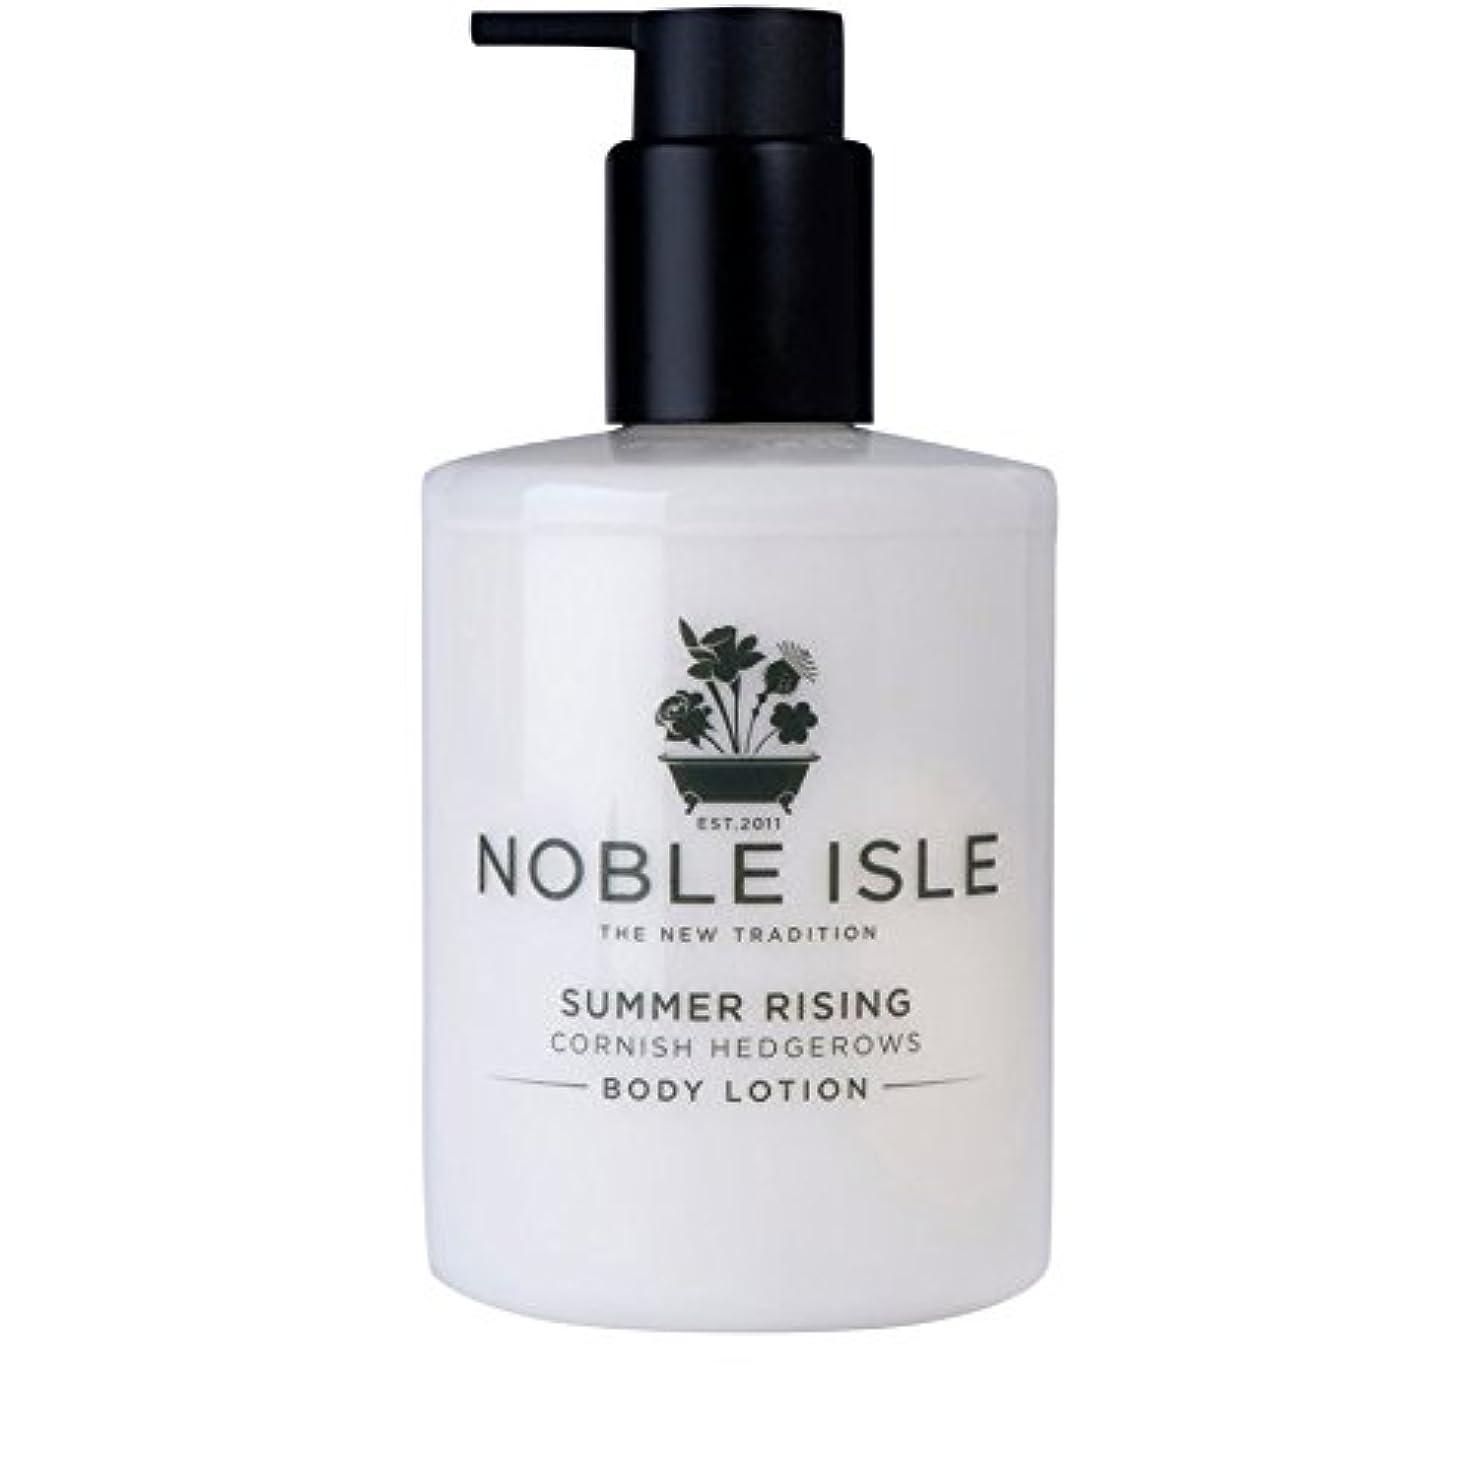 周辺のスコア放棄されたコーニッシュ生け垣ボディローション250ミリリットルを上昇高貴な島の夏 x4 - Noble Isle Summer Rising Cornish Hedgerows Body Lotion 250ml (Pack of...